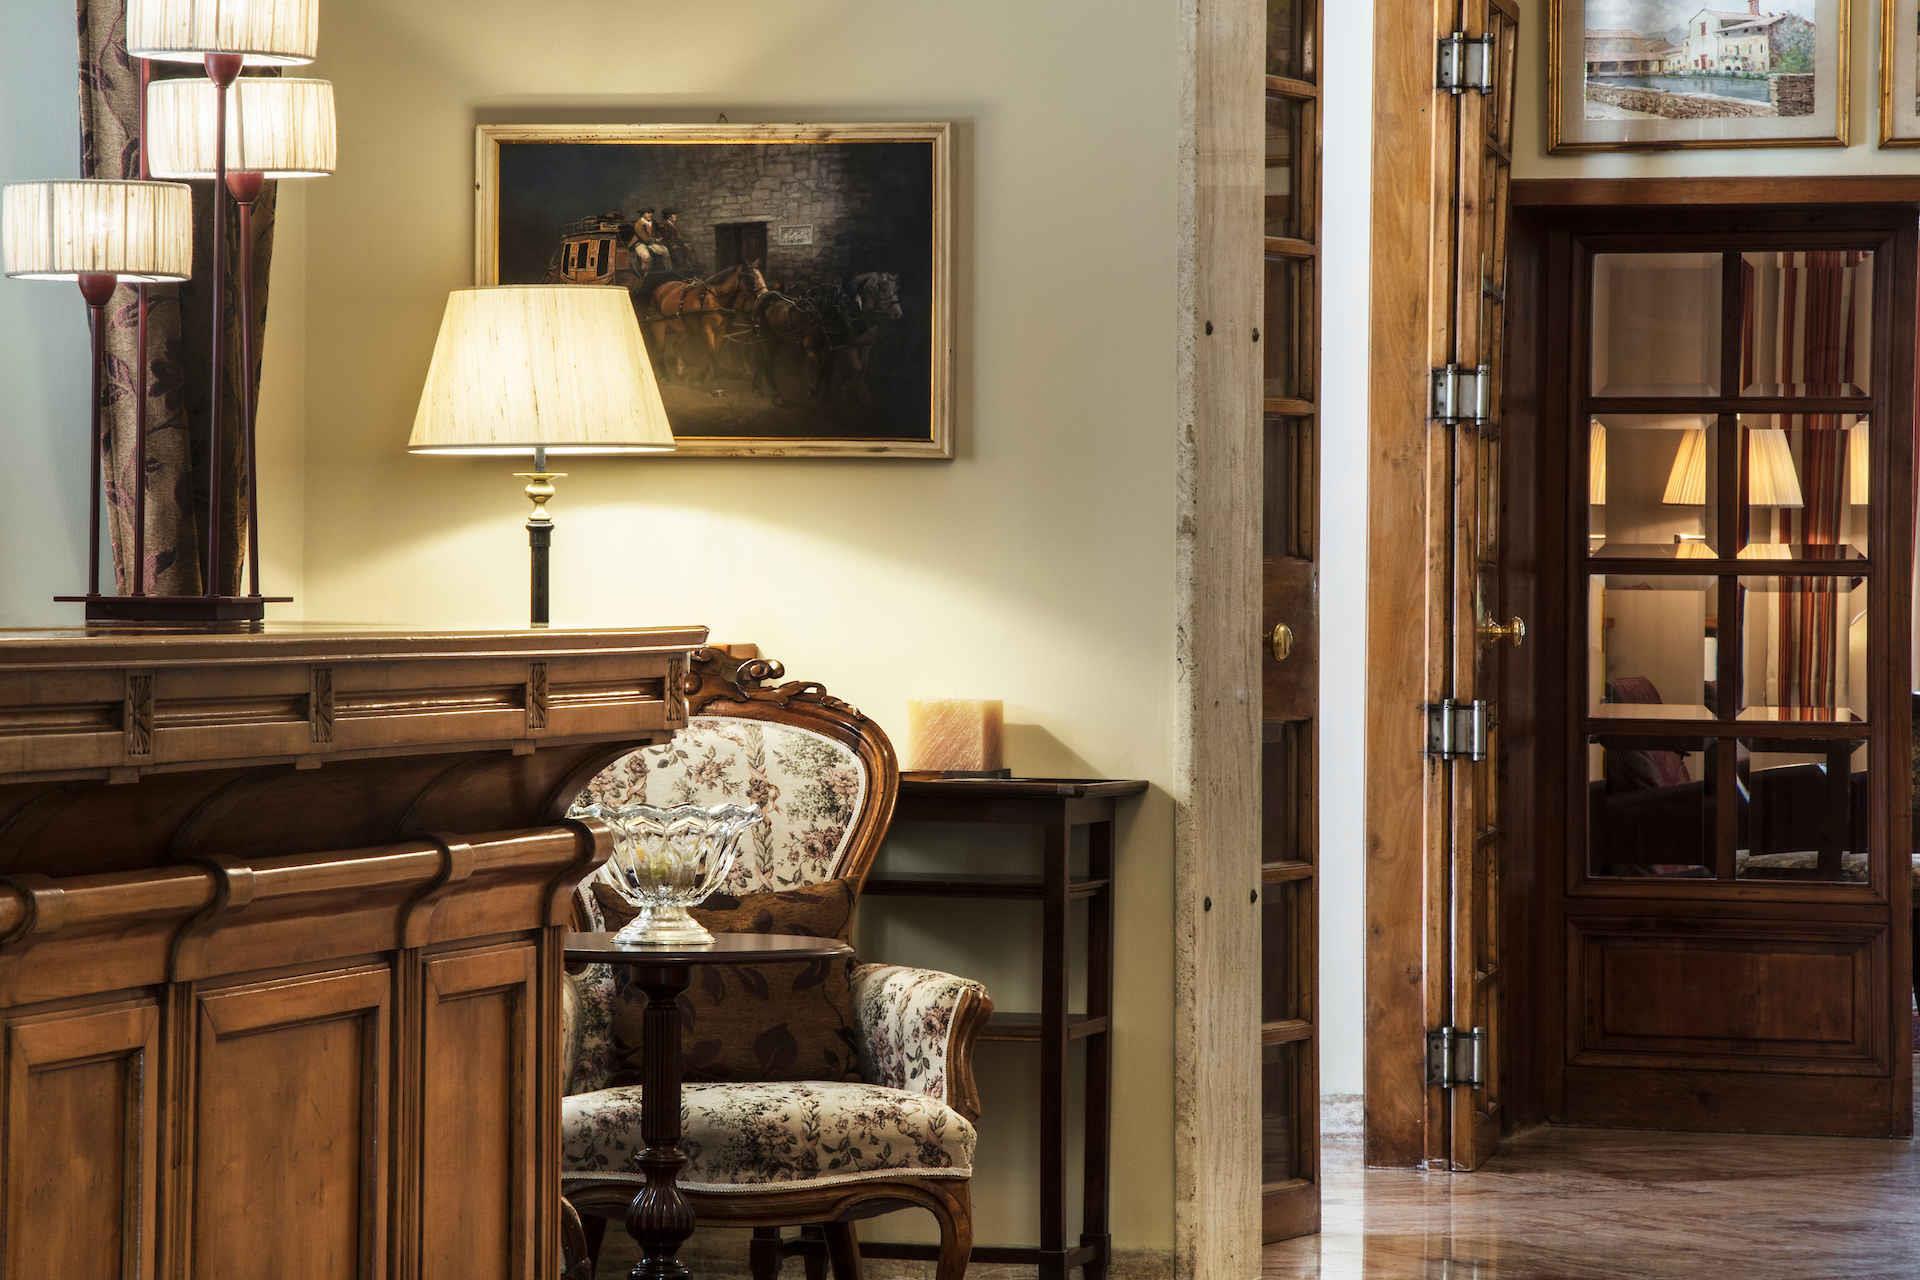 Albergo posta marcucci bagno vignoni san quirico d 39 orcia si official reservation system - Bagno vignoni hotel posta marcucci ...